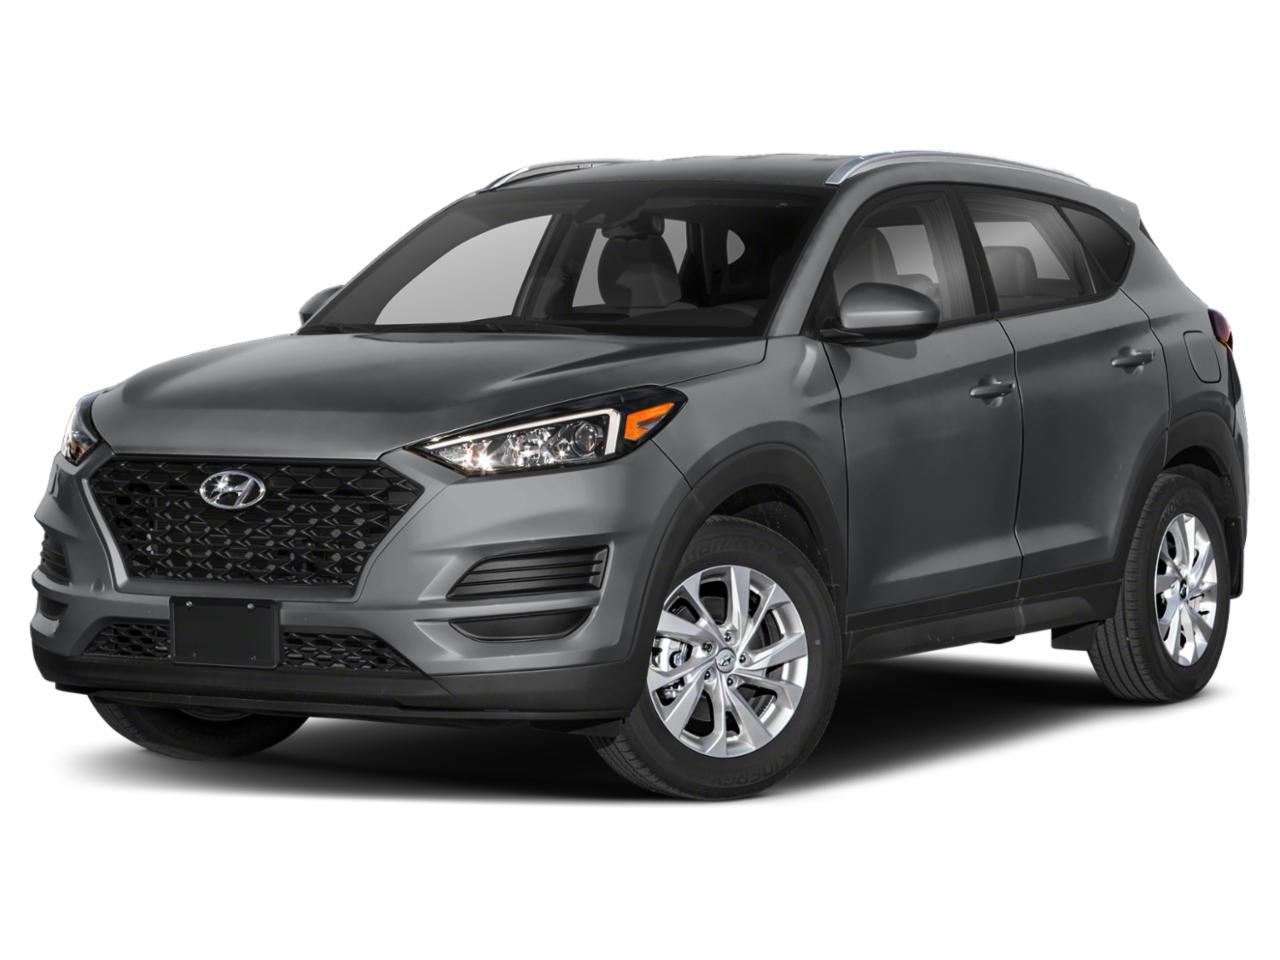 2020 Hyundai Tucson Vehicle Photo in BATON ROUGE, LA 70806-4464